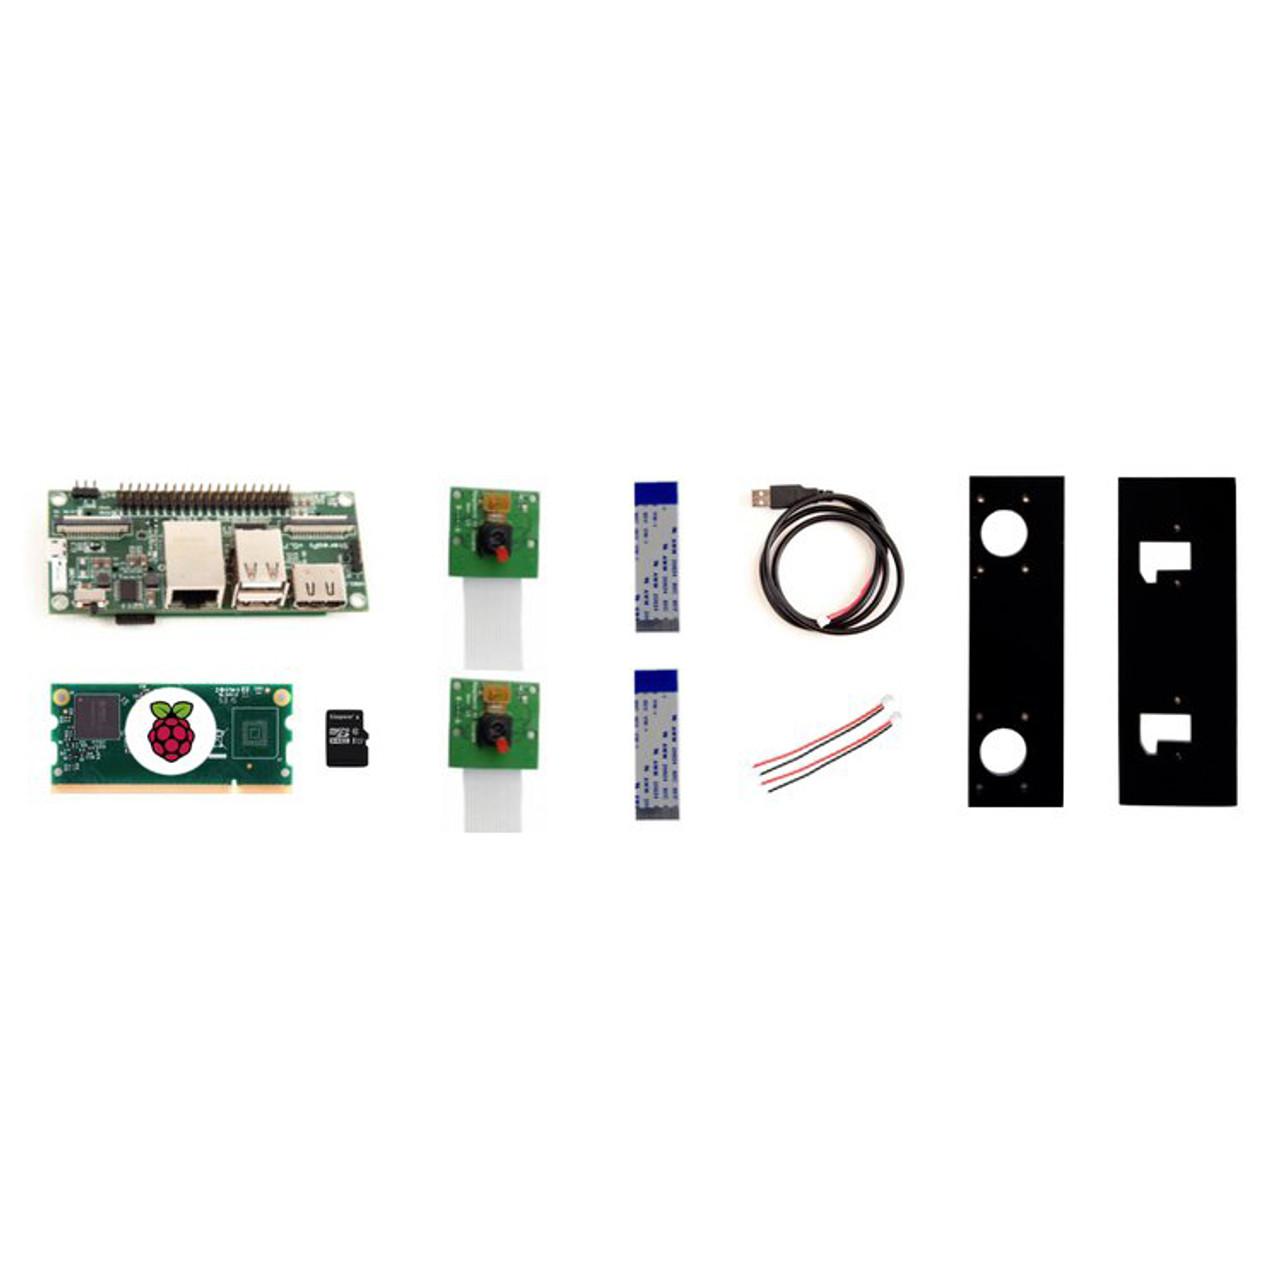 StereoPi Starter Kit